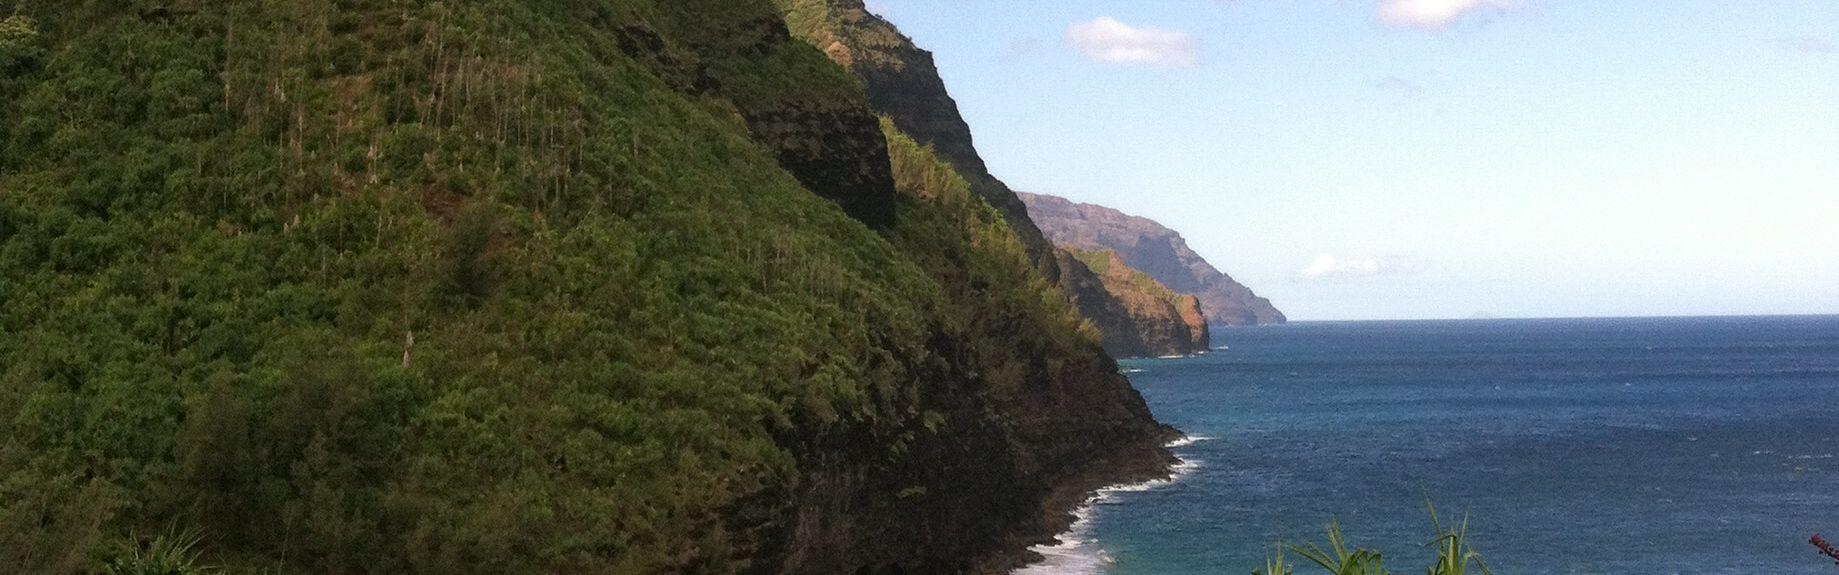 Mirador de Hanalei Valley, Princeville, Hawái, Estados Unidos